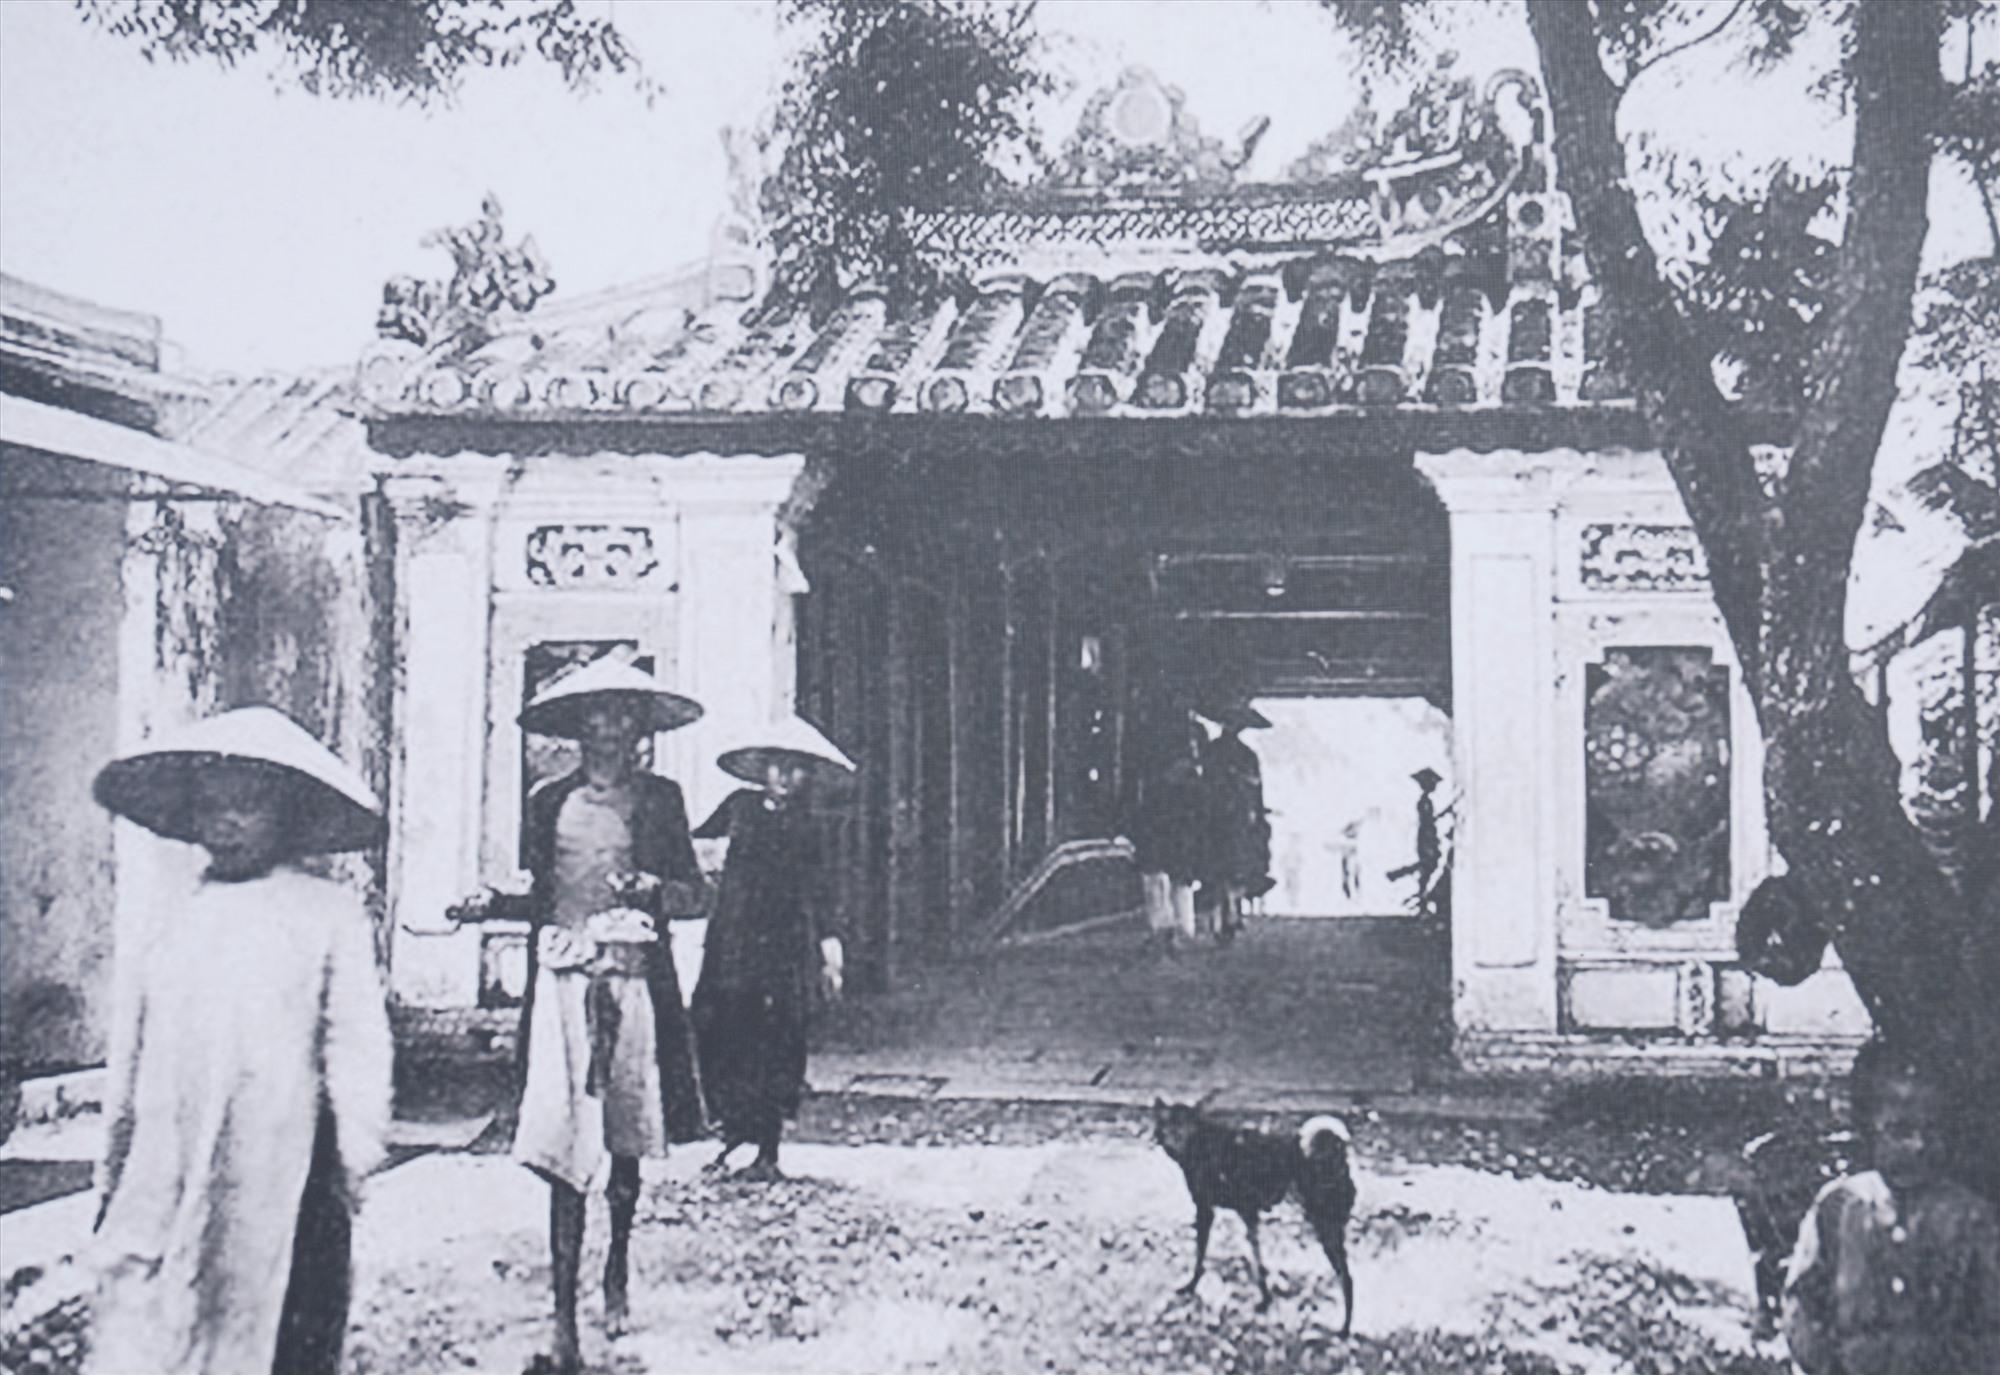 Thấp thoáng áo dài của phụ nữ Hội An trong bức ảnh Chùa Cầu đầu thế kỷ 20. Ảnh: Tư liệu